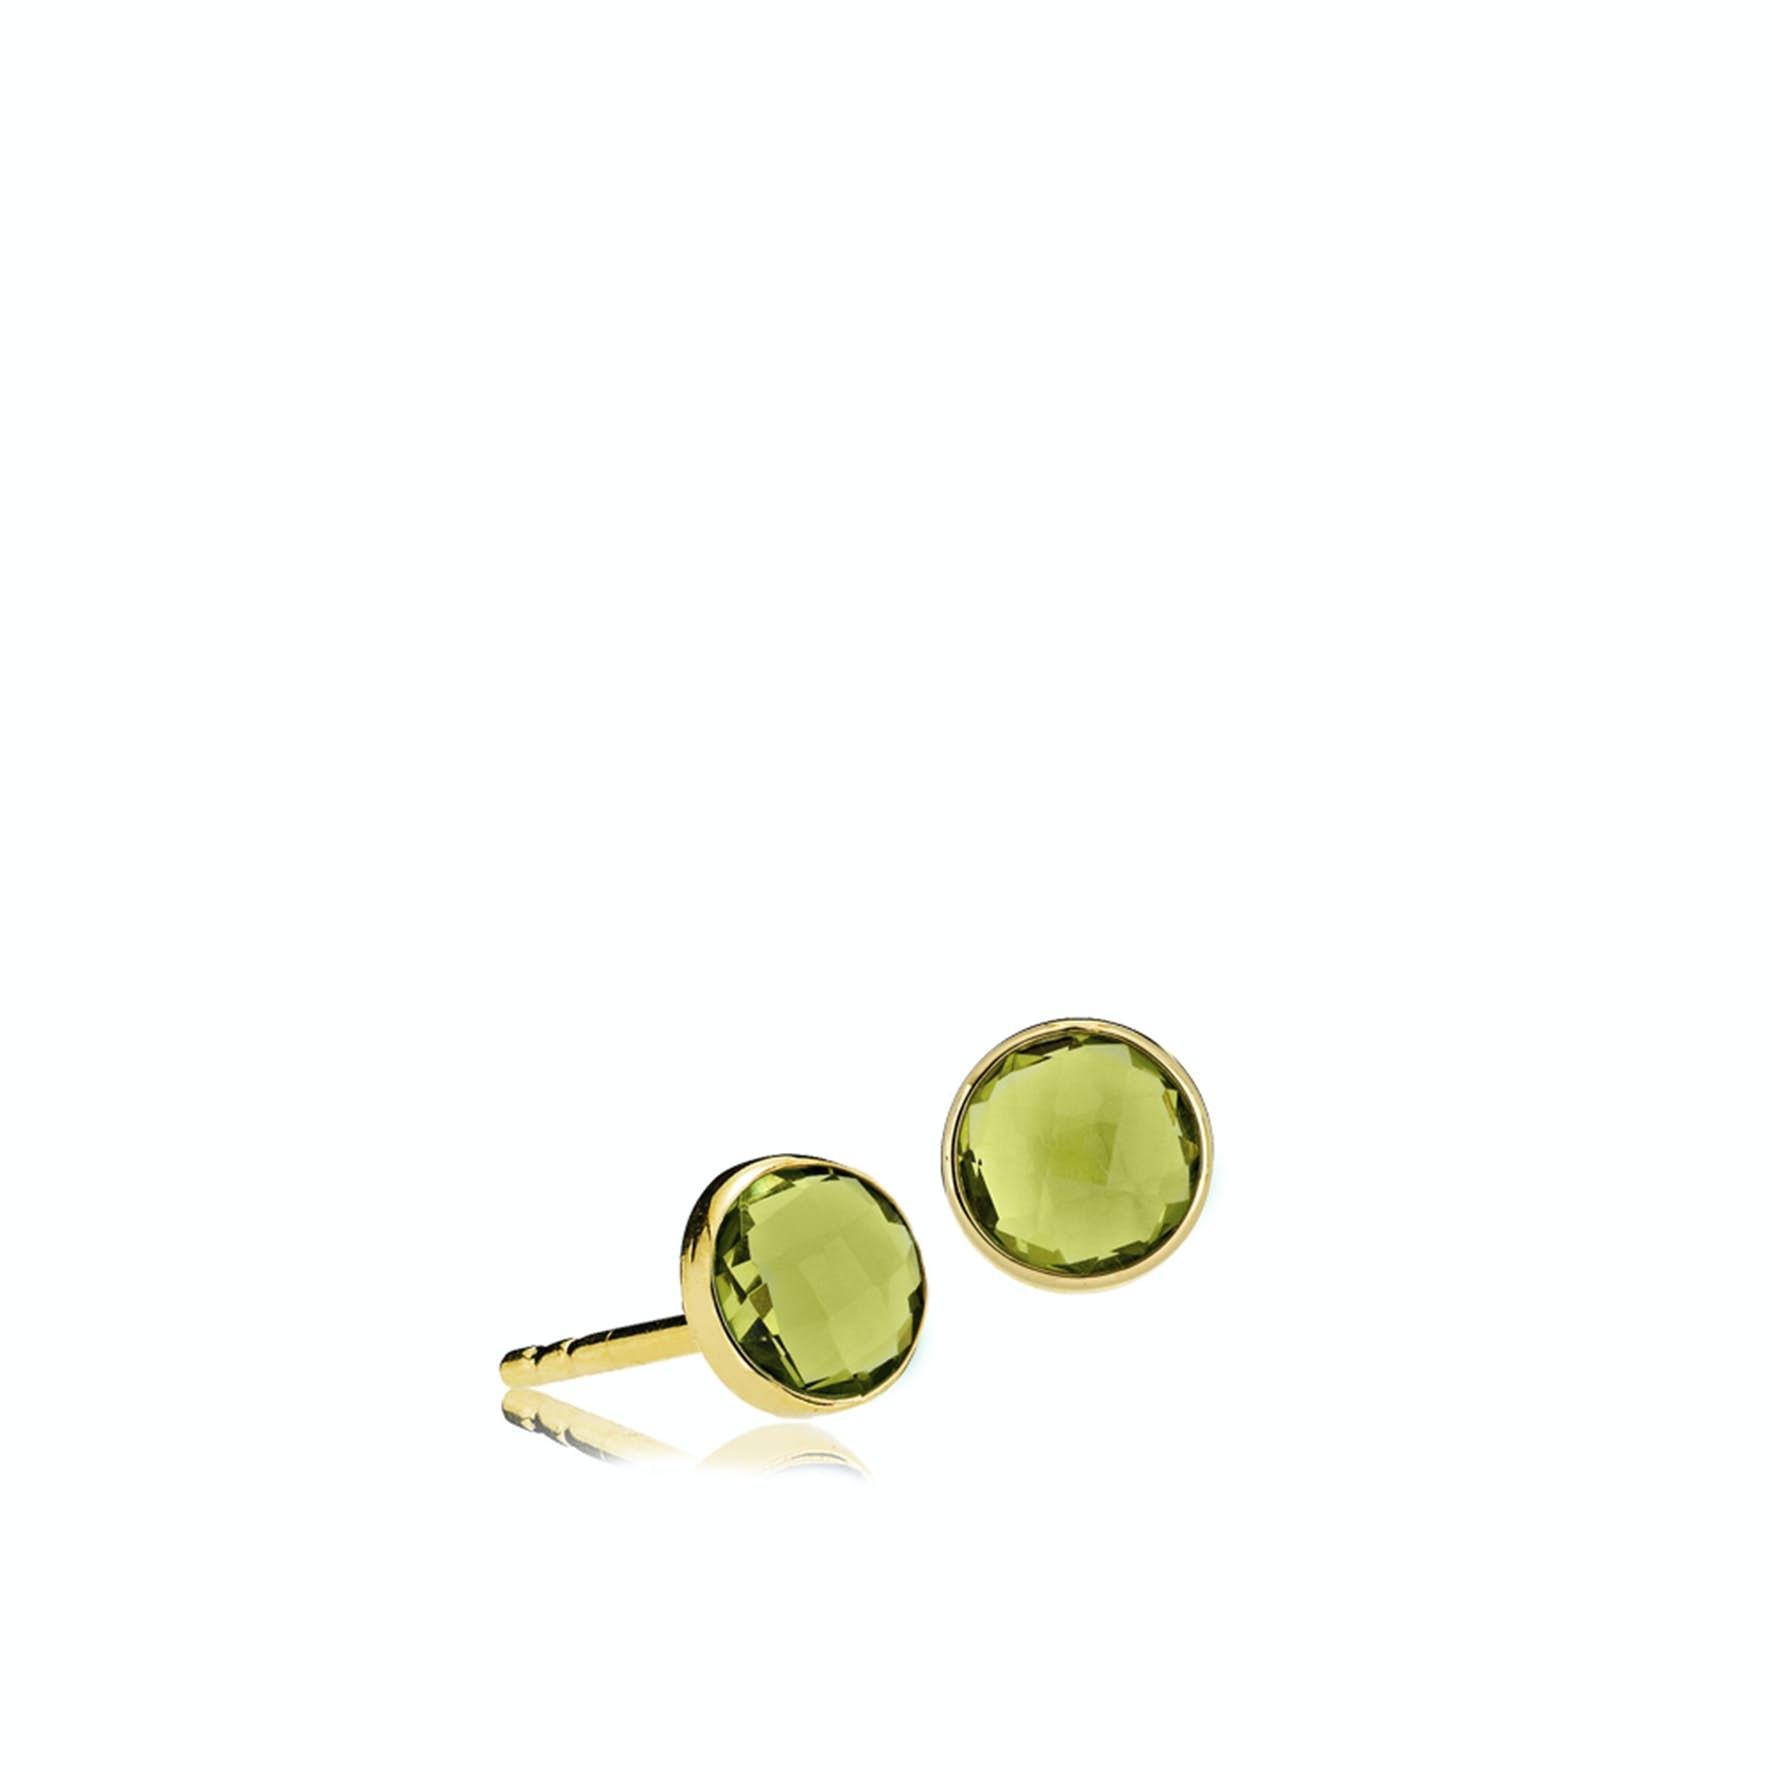 Prima donna Earsticks Peridot Green fra Izabel Camille i Forgyldt-Sølv Sterling 925|Peridot Green